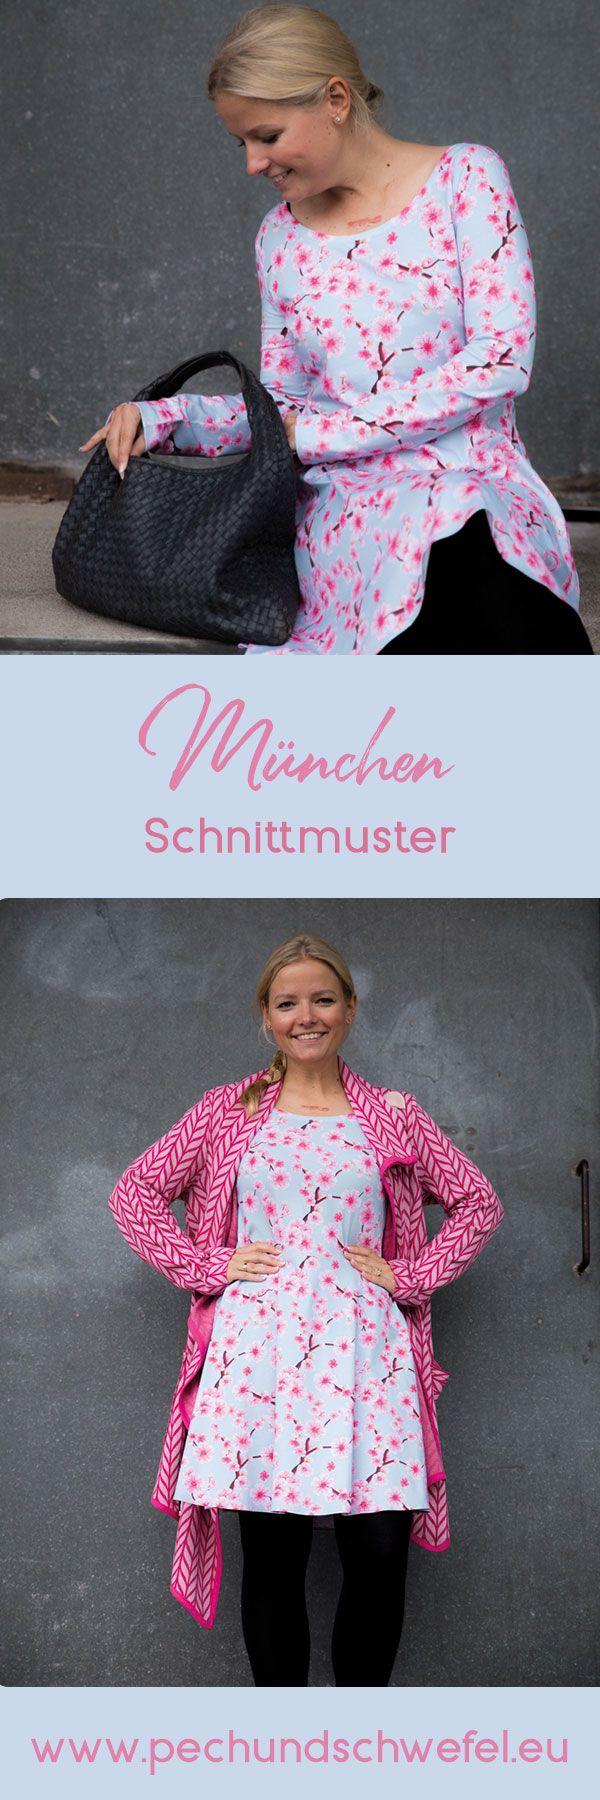 271 besten Kleider | Schnittmuster Bilder auf Pinterest